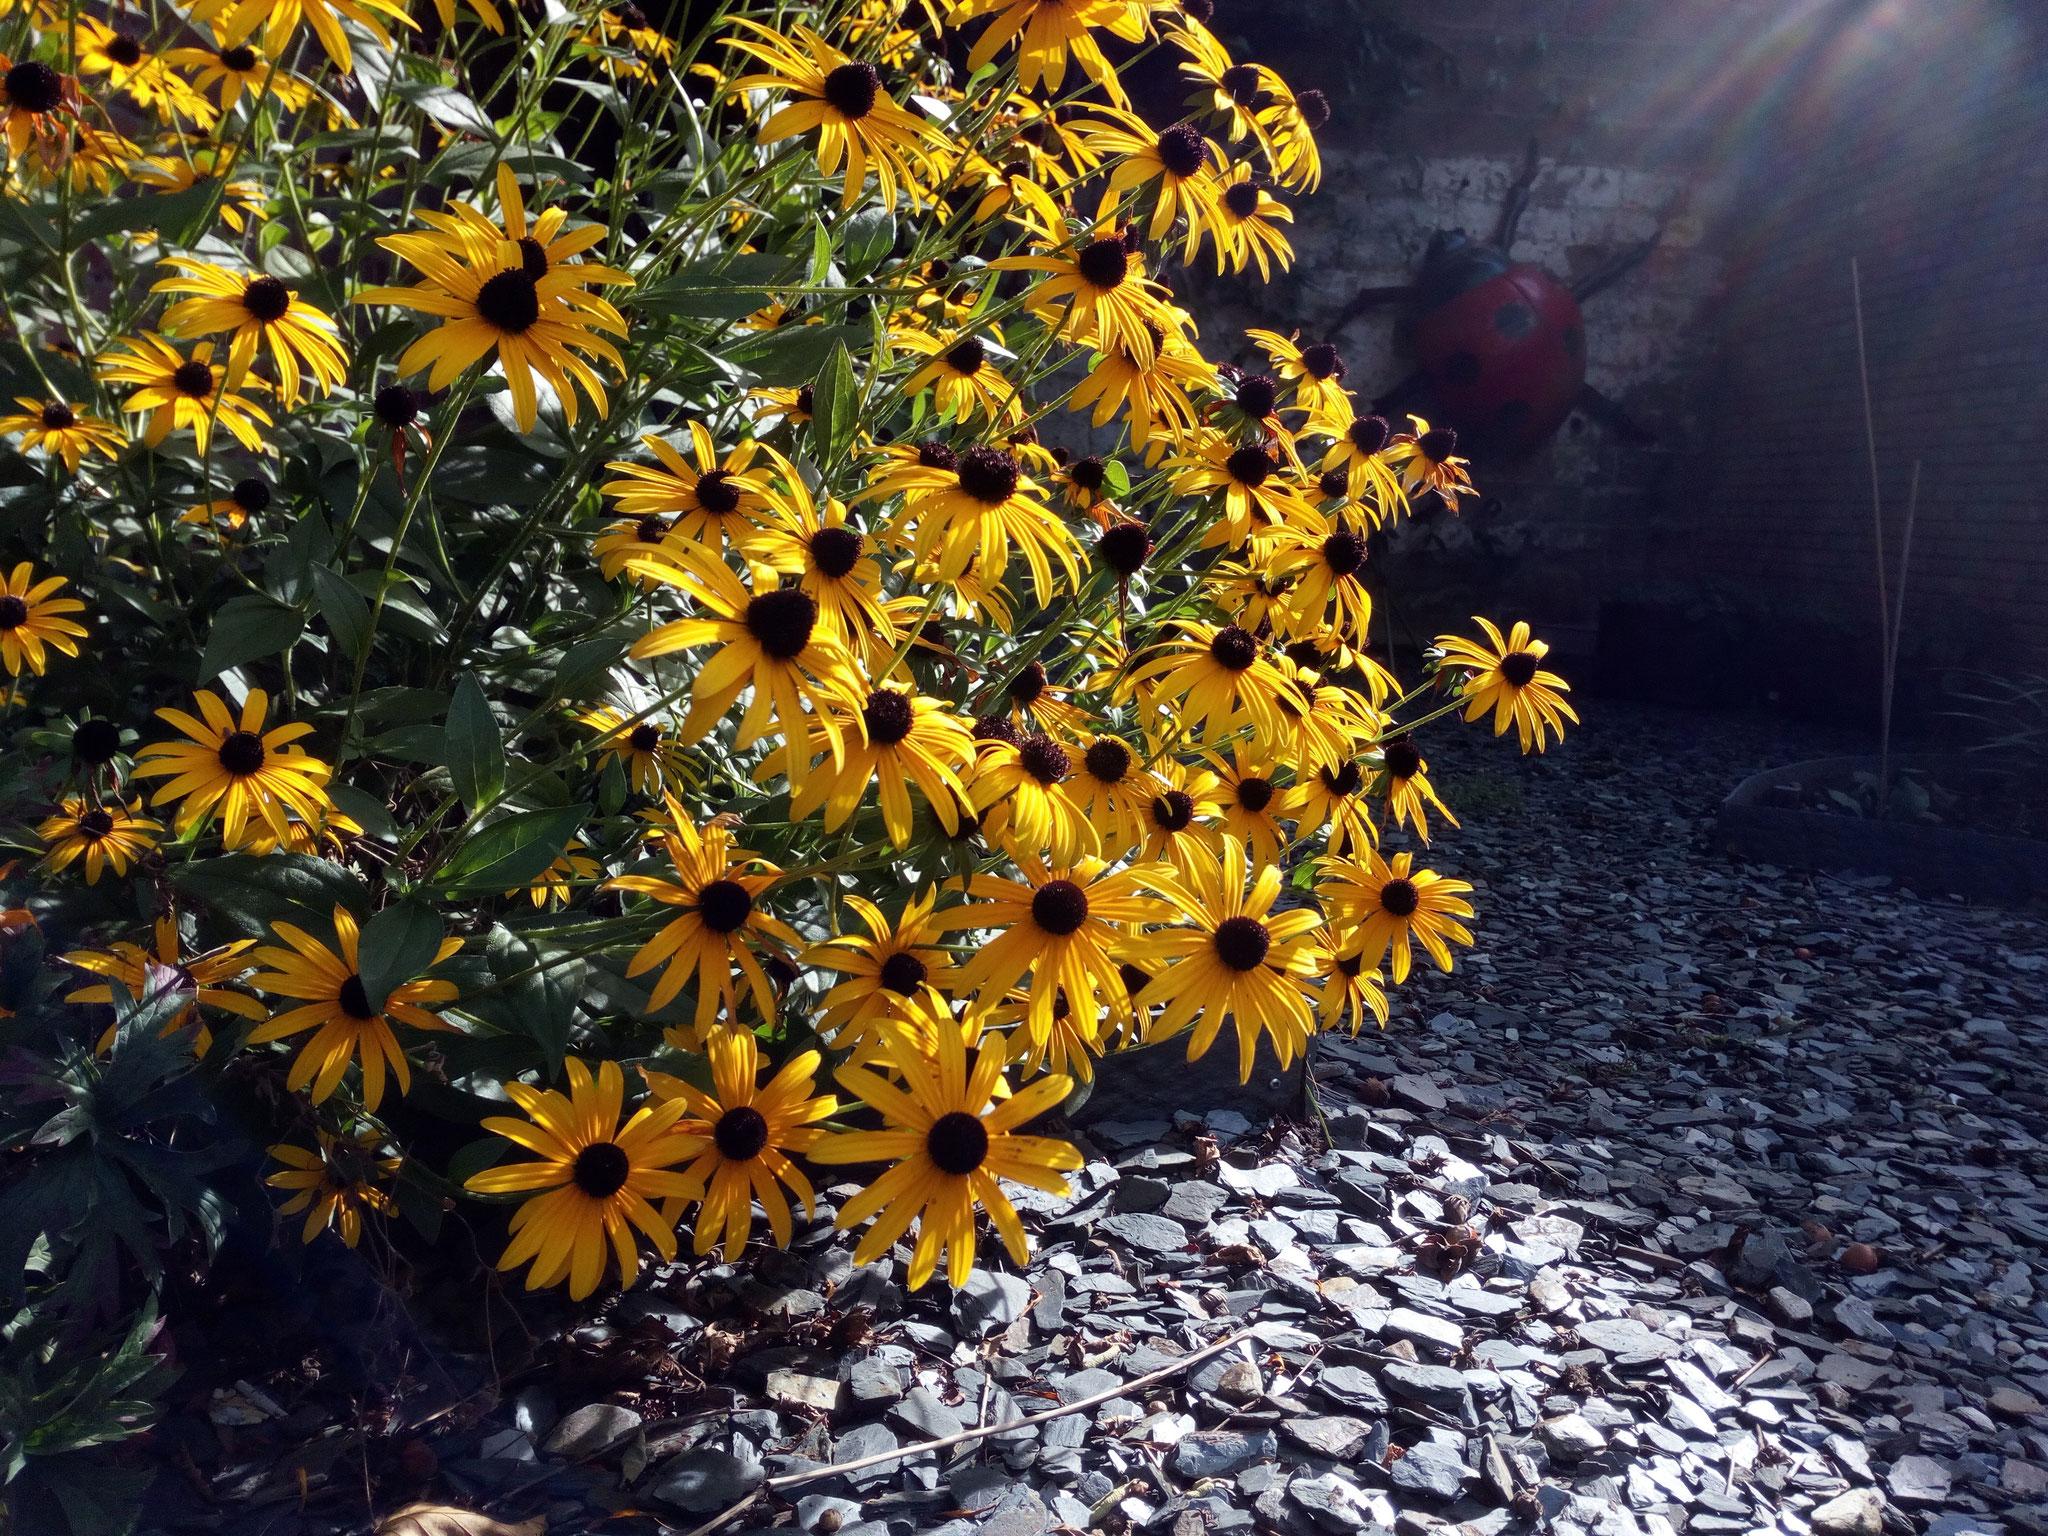 Jardin de ville 120m2 - 2 ans après - Détails: rudbeckia et schiste. Amenagement jardin Bruxelles